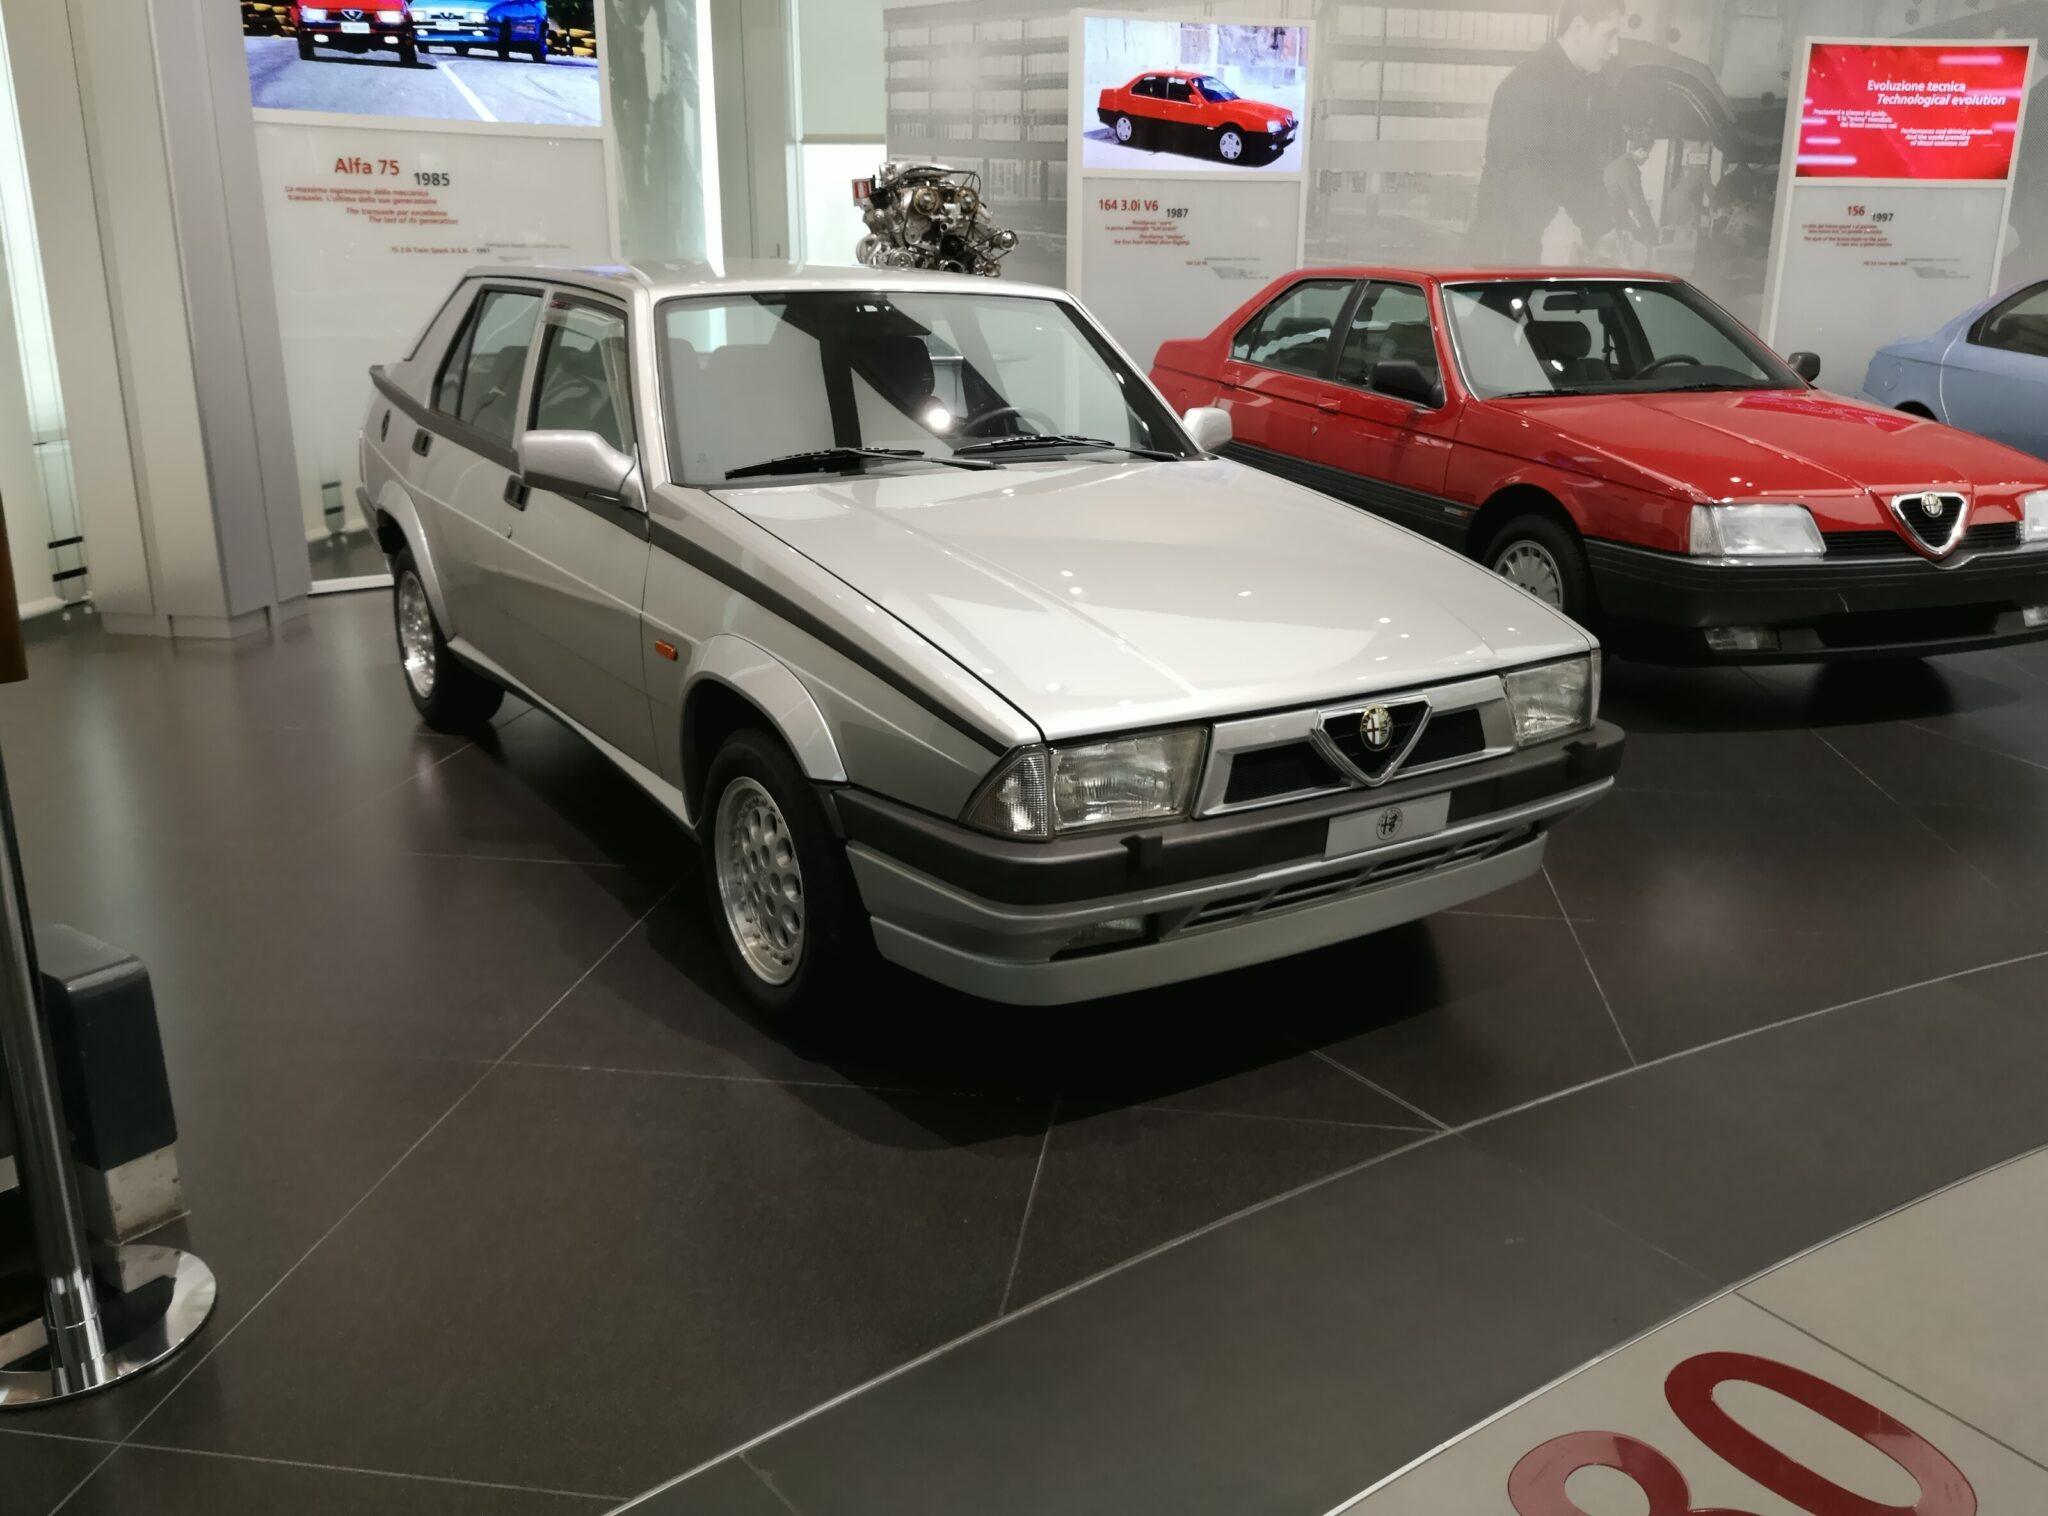 Alfa Romeo Twin Spark: la storia di uno dei motori più famosi al mondo